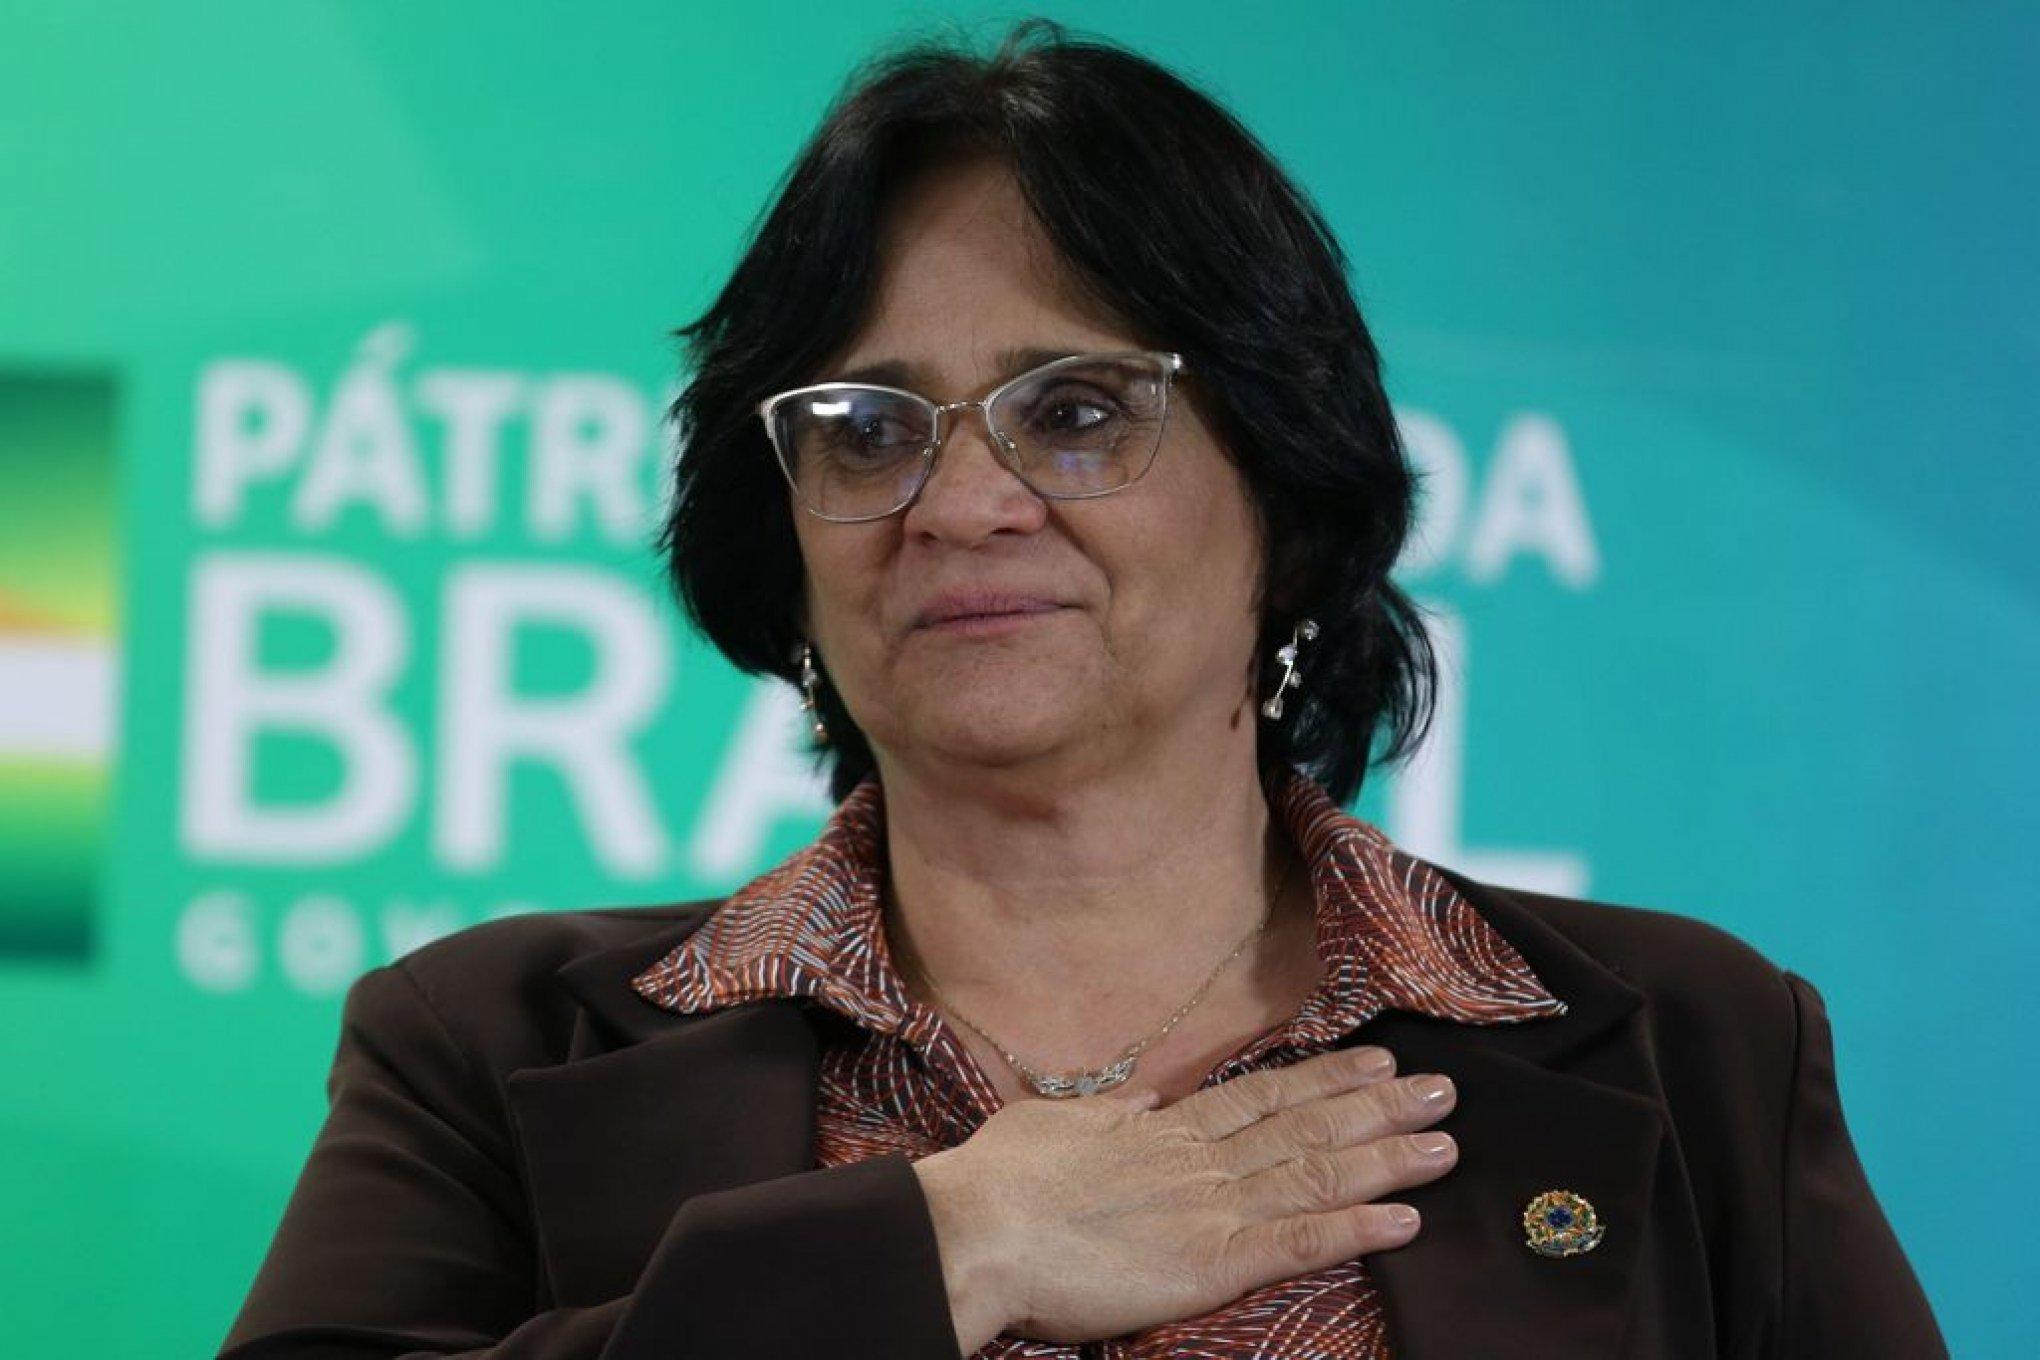 Ministério de Damares Alves retira do ar nota em que lamentava mortes na favela